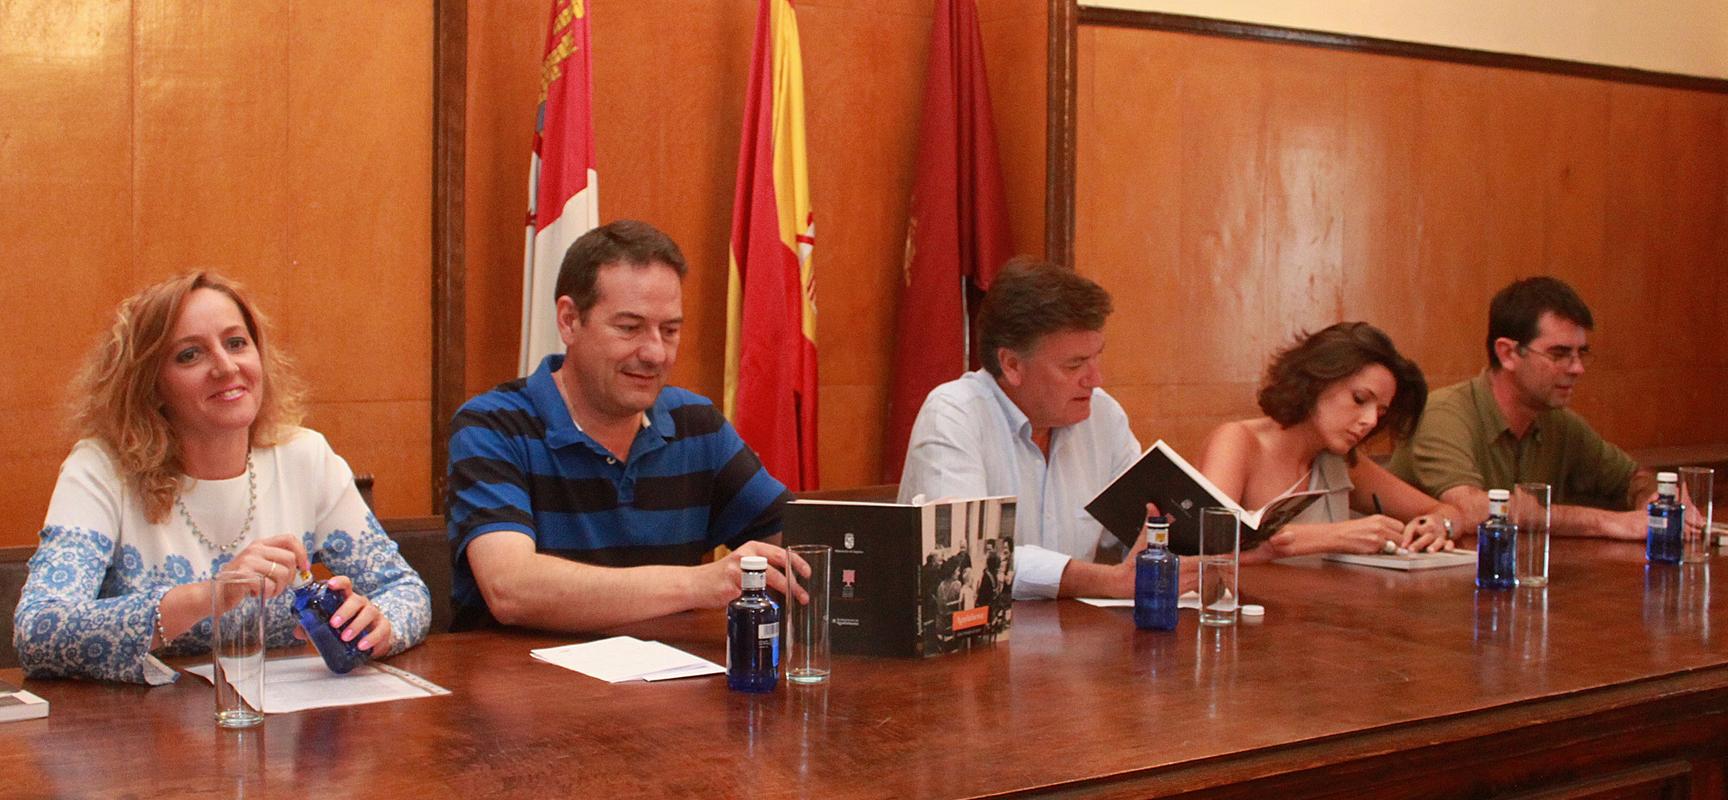 Raquel Alonso, Jesús Ballesteros, Francisco Vázquez, Sara Dueñas y Luis Besa durante la presentación.  Fermín